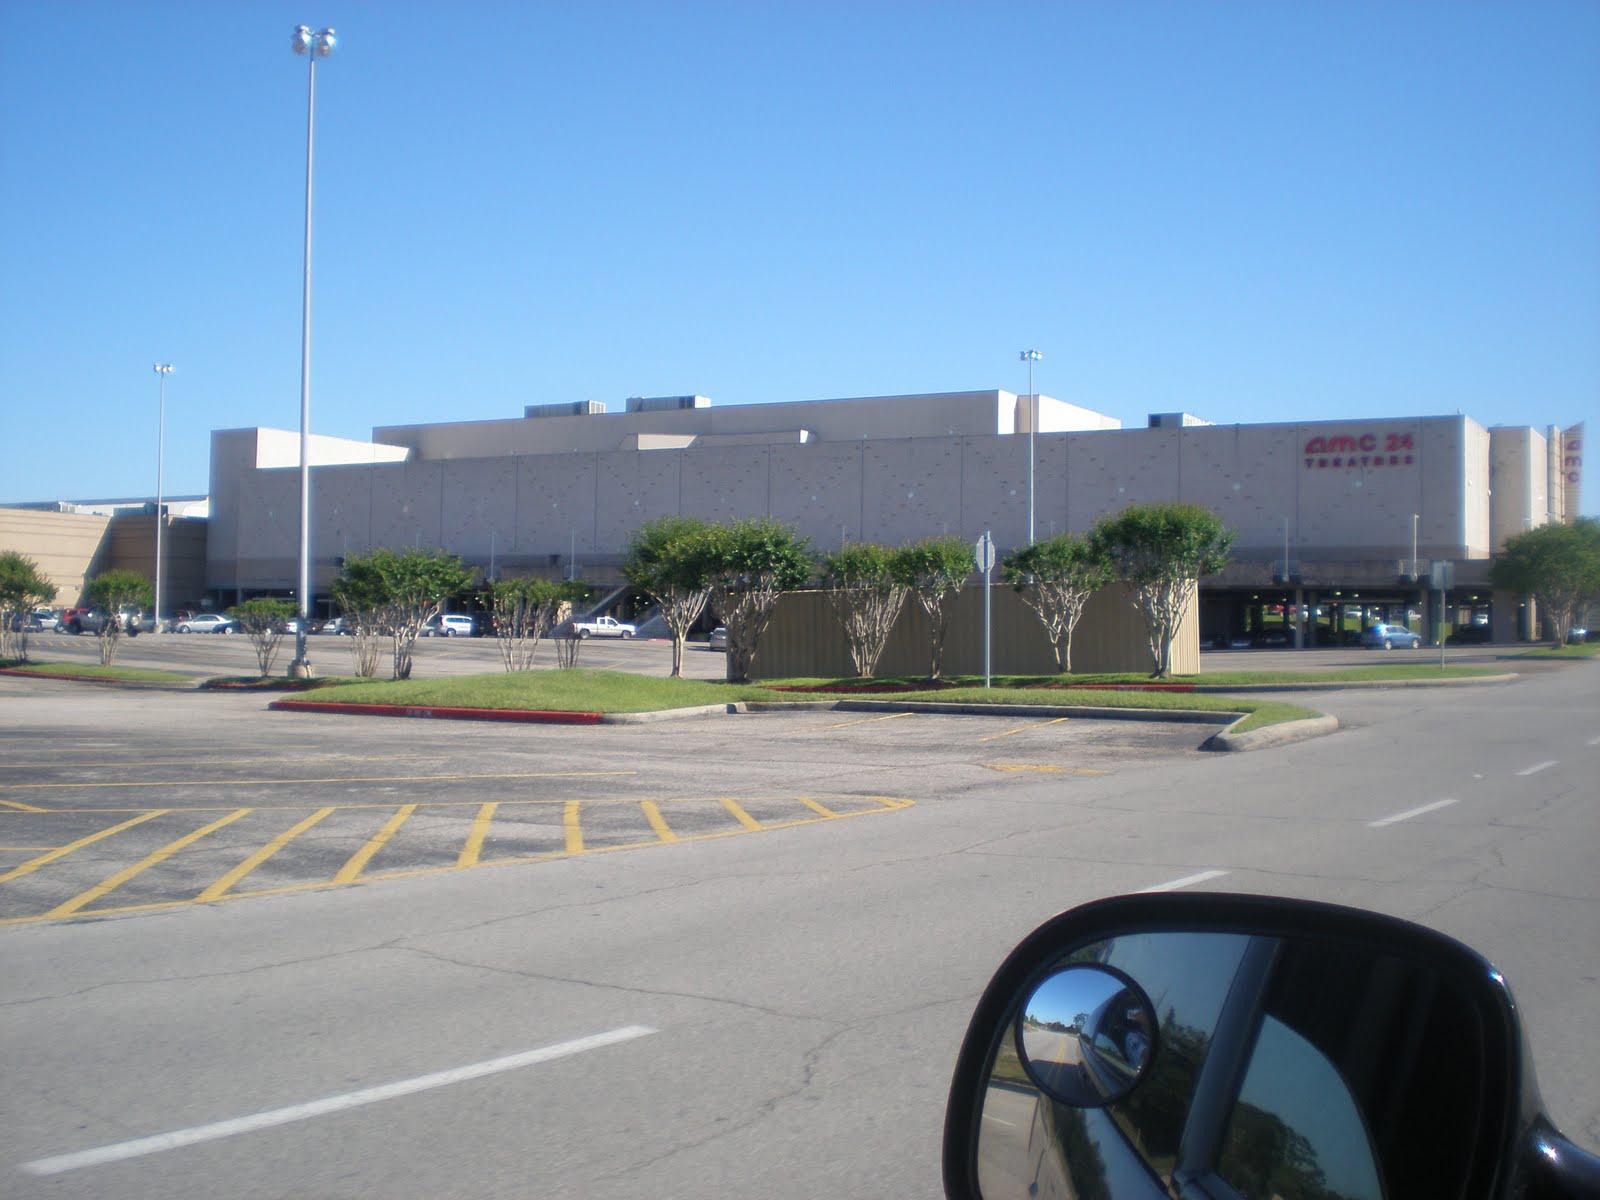 The Louisiana And Texas Retail Blogspot Deerbrook Mall